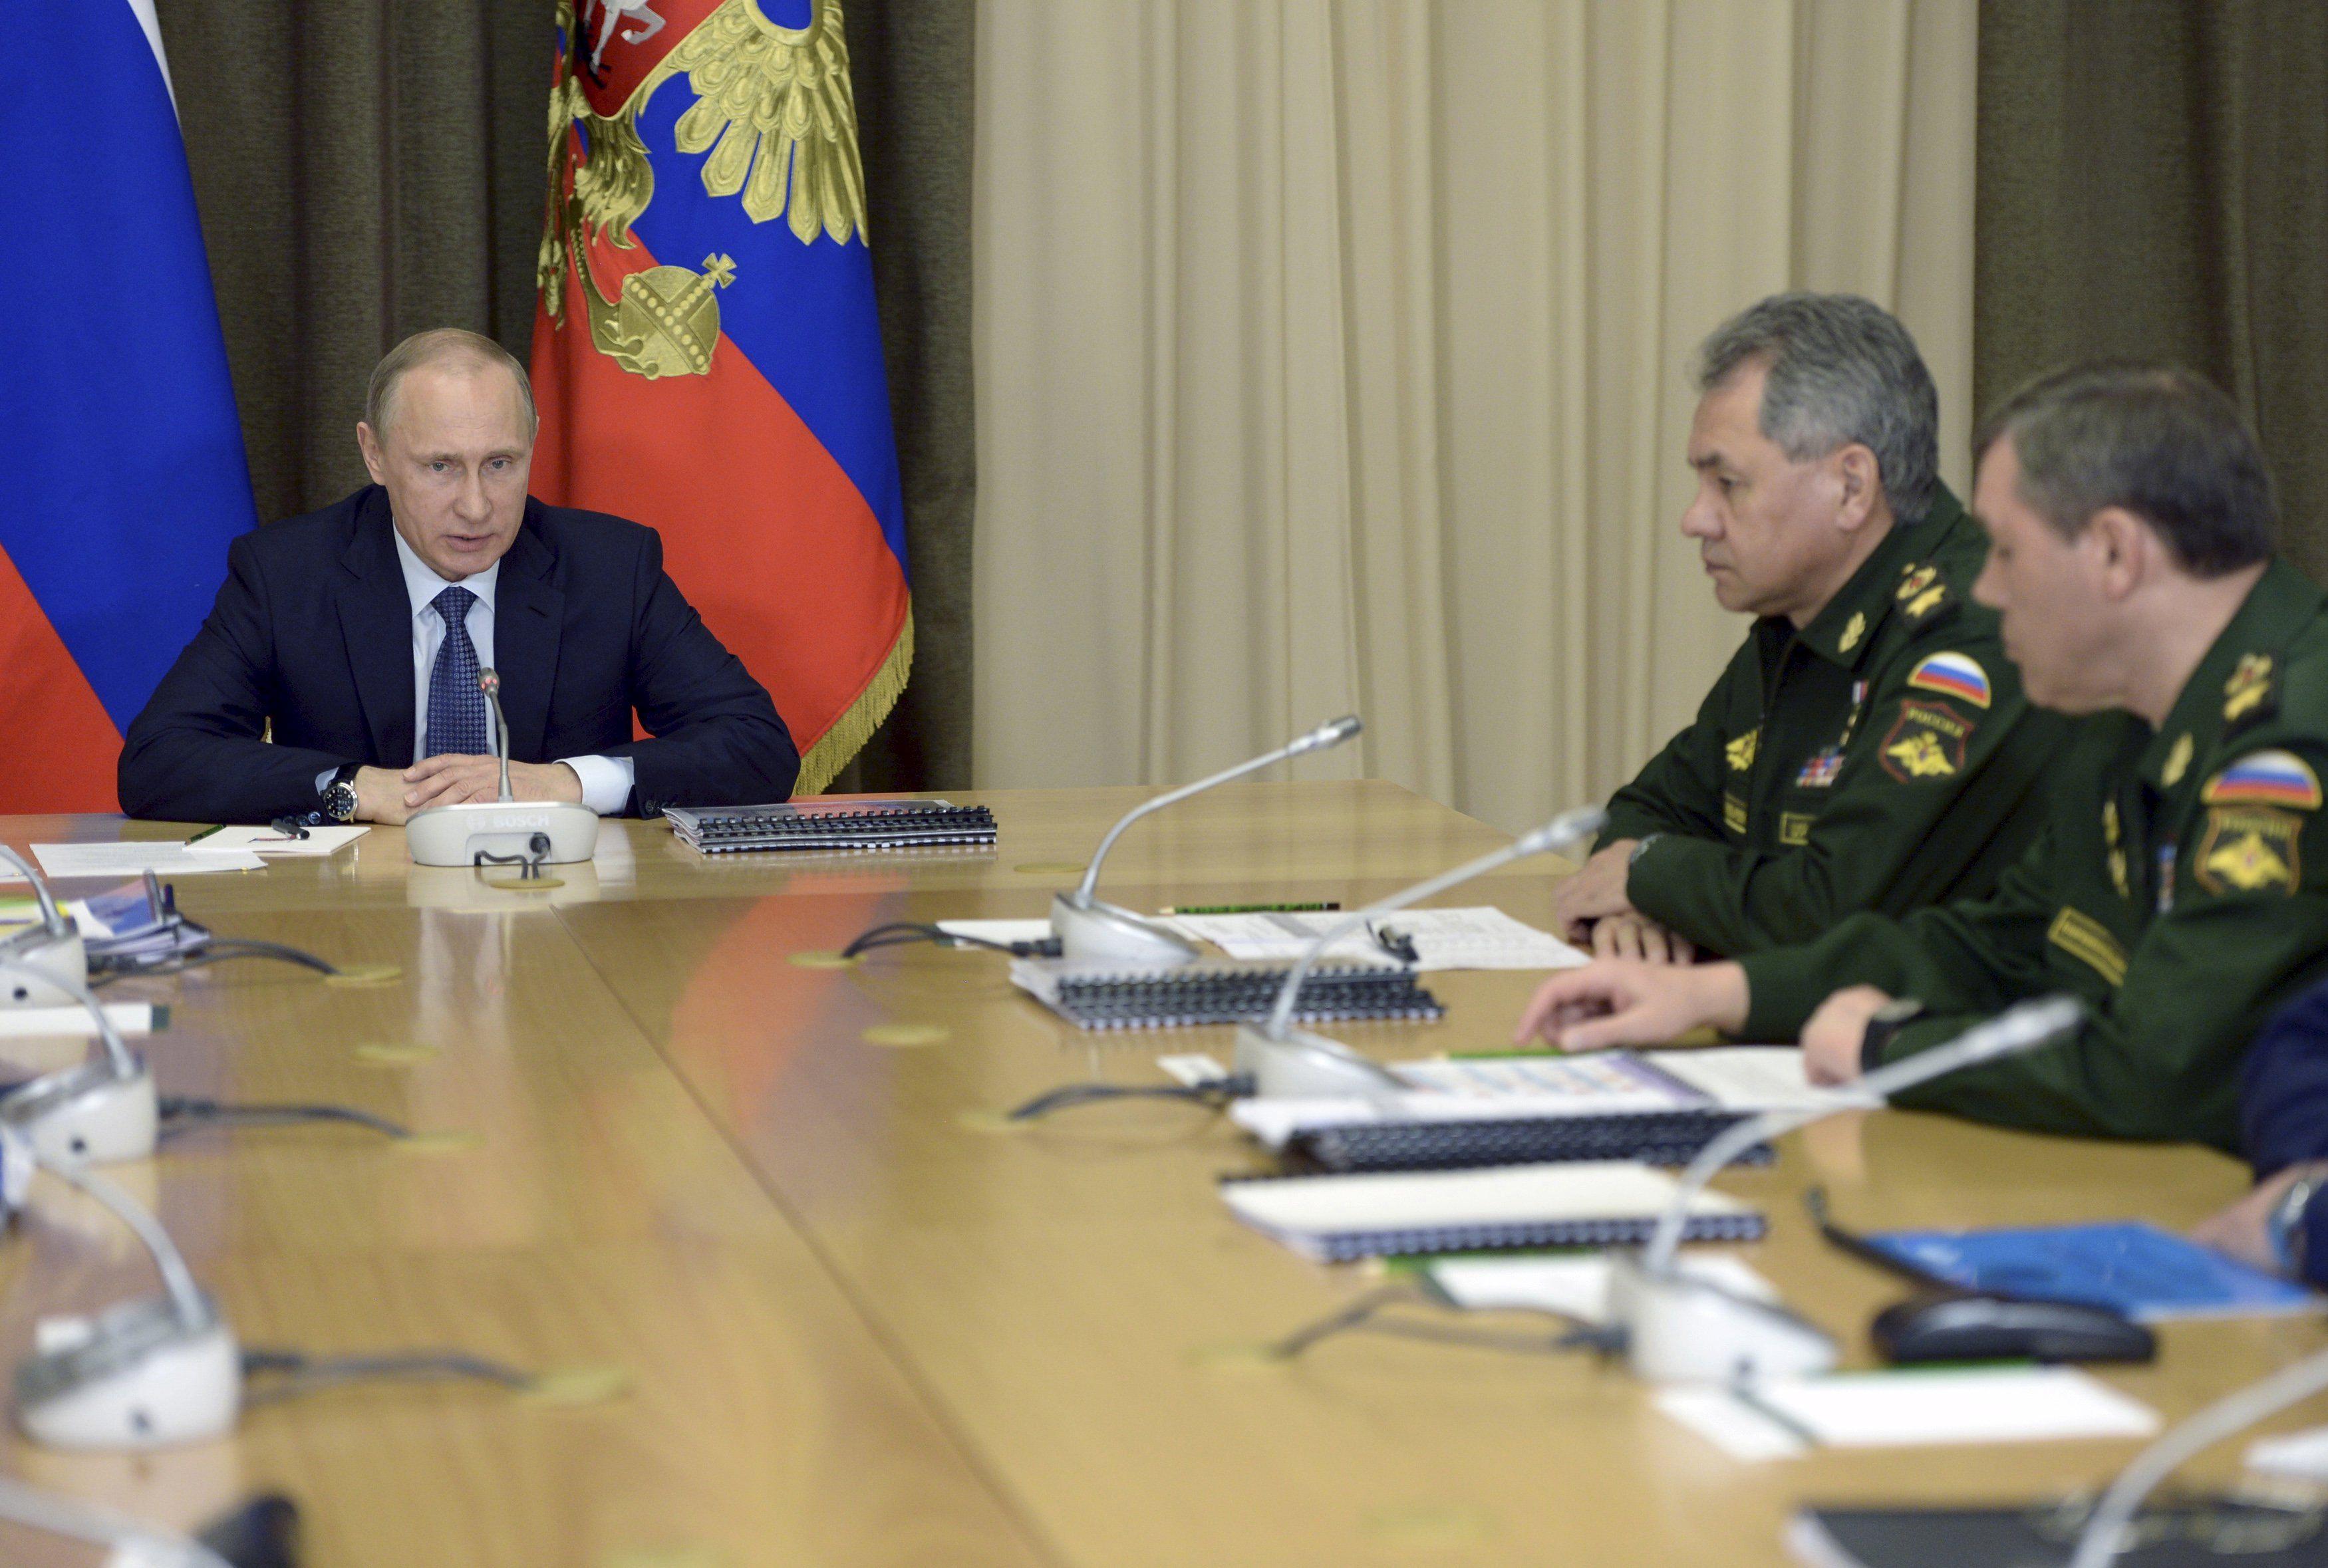 Путьин встречается с министром Сергеем Шойгу, иллюстрация